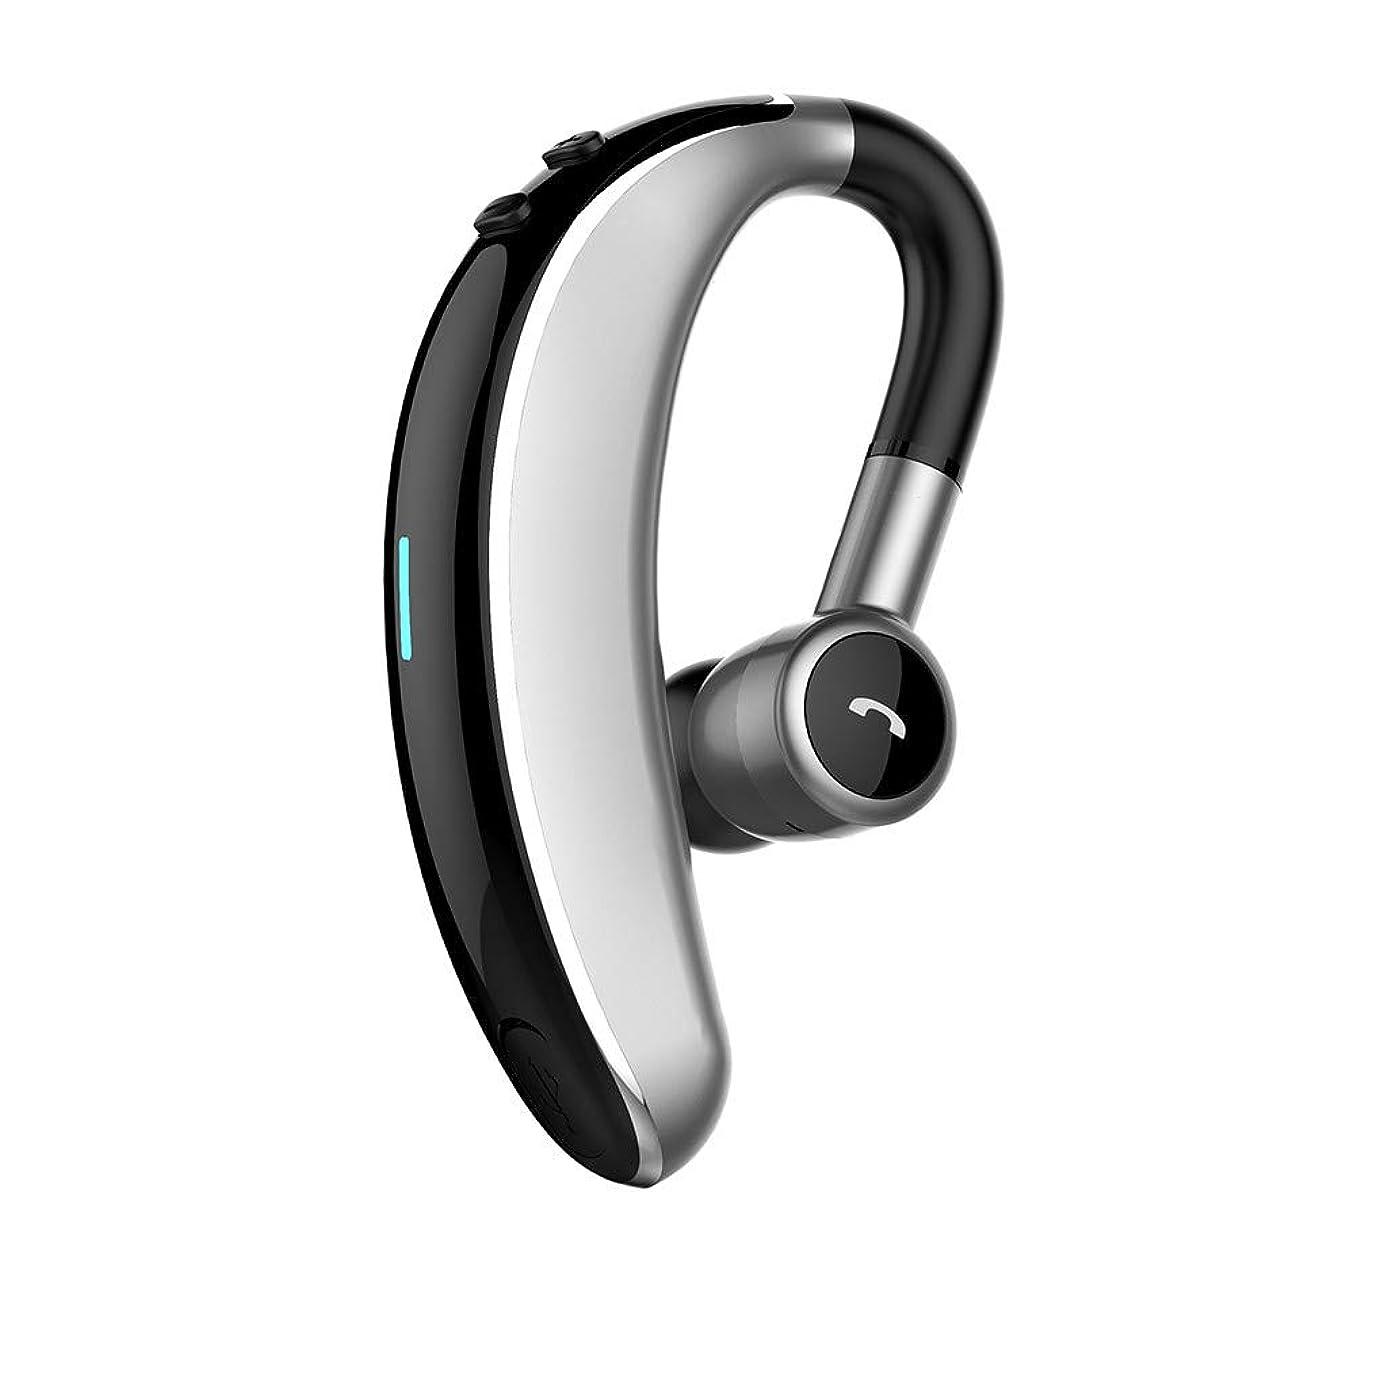 Chercherr Single Ear Wireless Headset, Car Wireless Bluetooth 5.0 Earphone Earpiece HD Stereo Headphone Earbud Handsfree Ear Hook Earphones Earpiece Painless Wearing Sport Earphone (Silver)